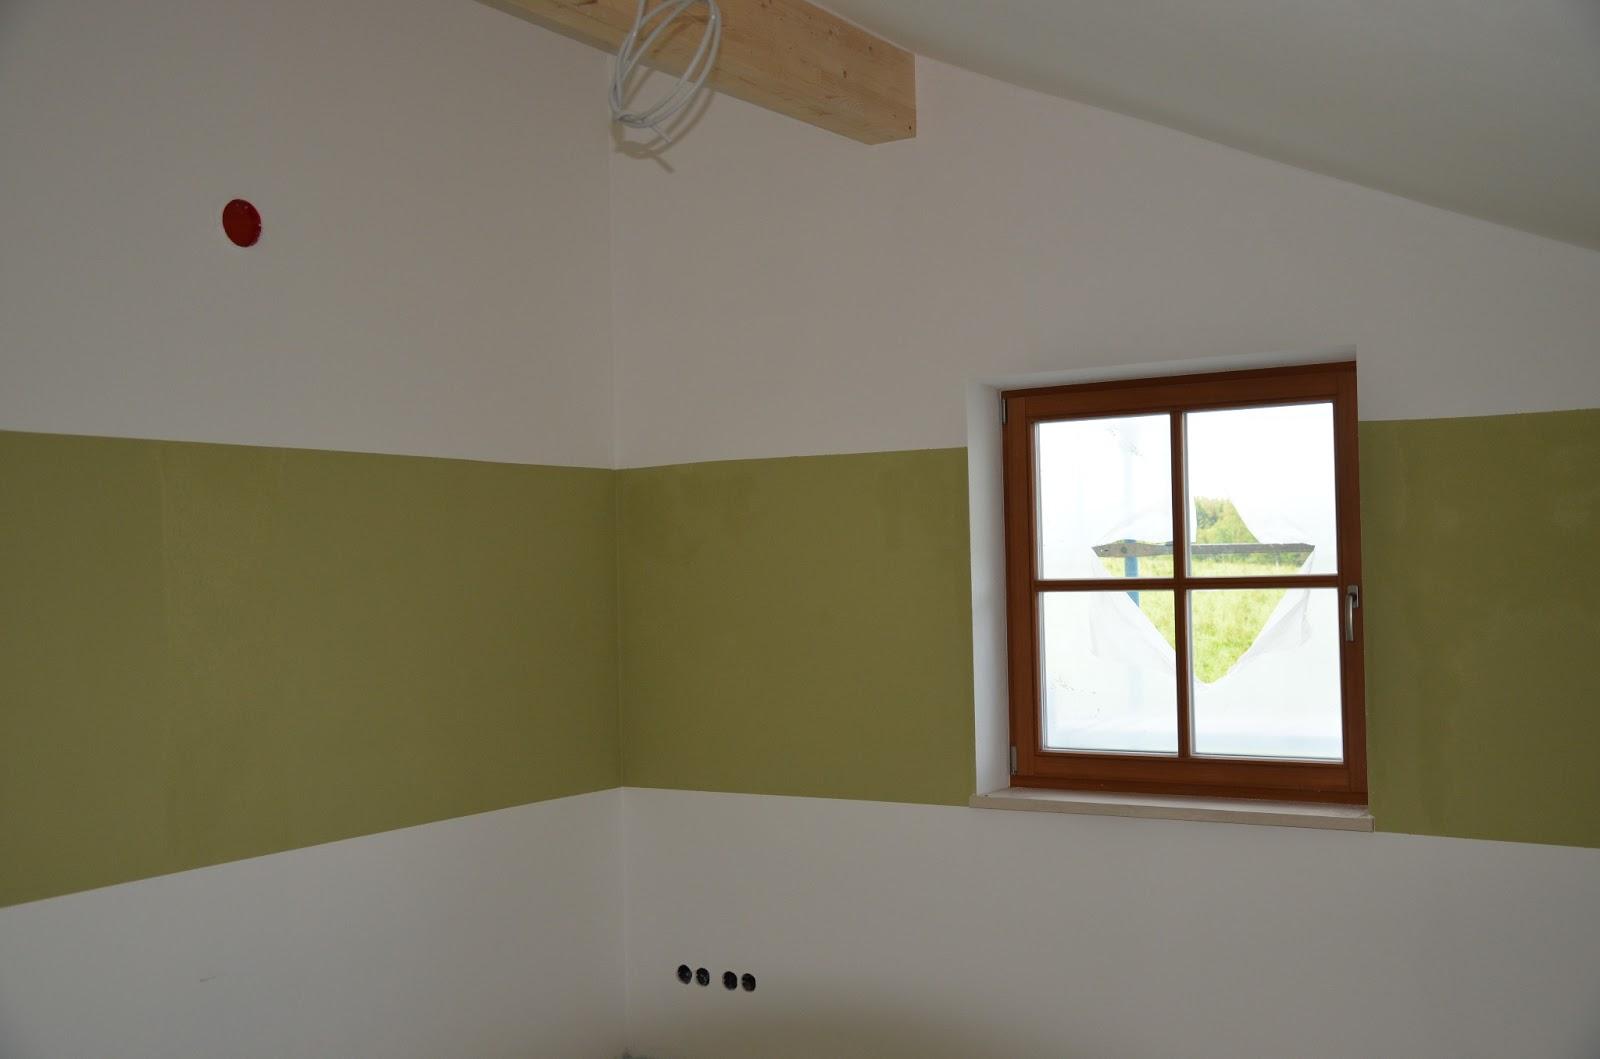 werner 39 s hausbau blog malereien und parkett. Black Bedroom Furniture Sets. Home Design Ideas